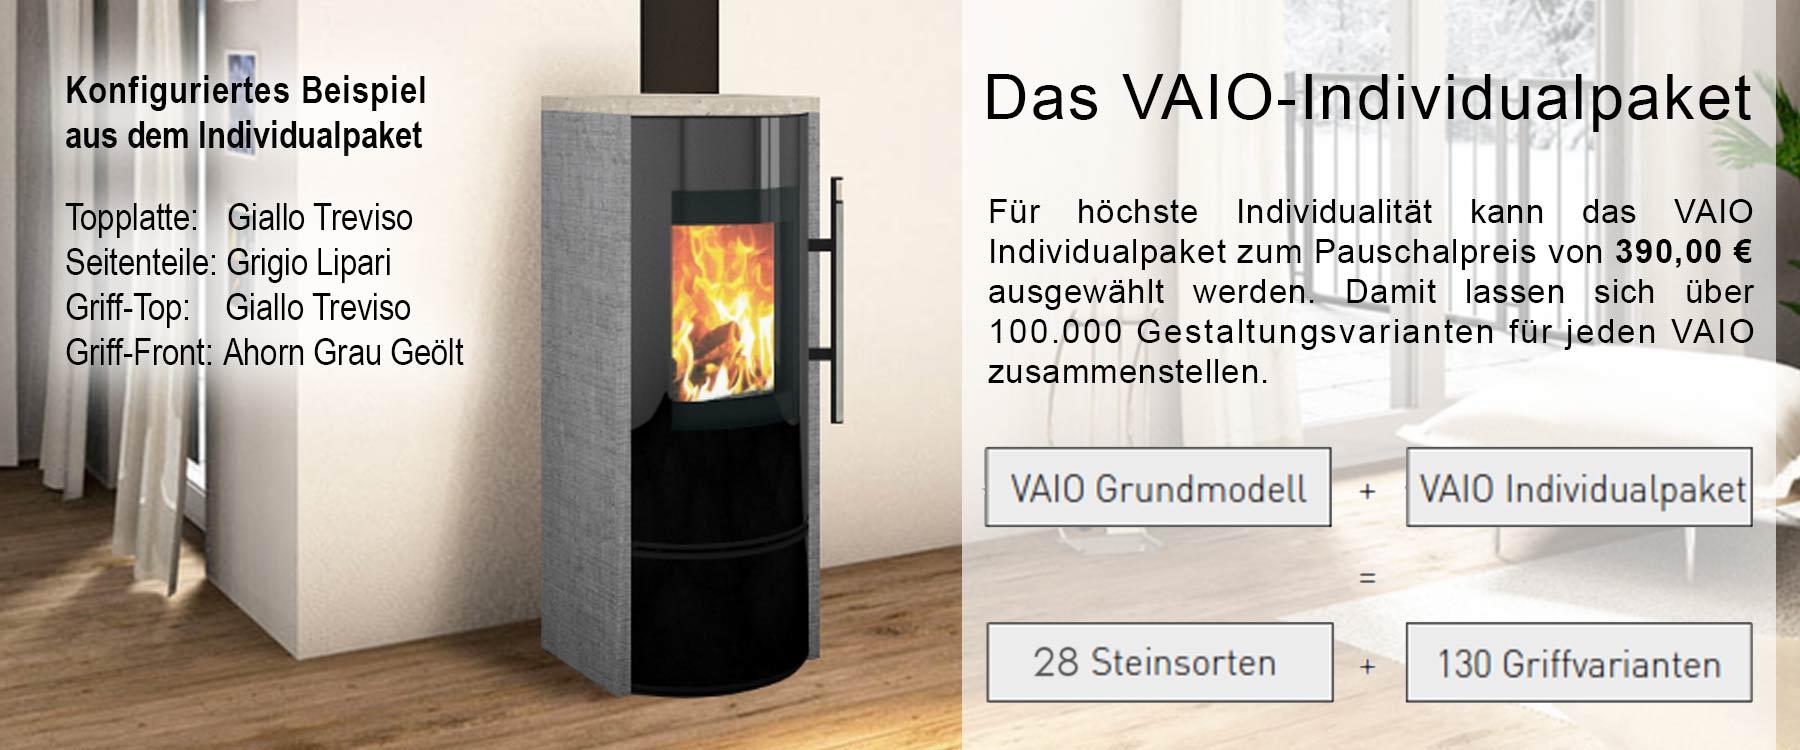 Ambientebild mit einem konfigurierten Vaio 4 Ofen im Individualpaket